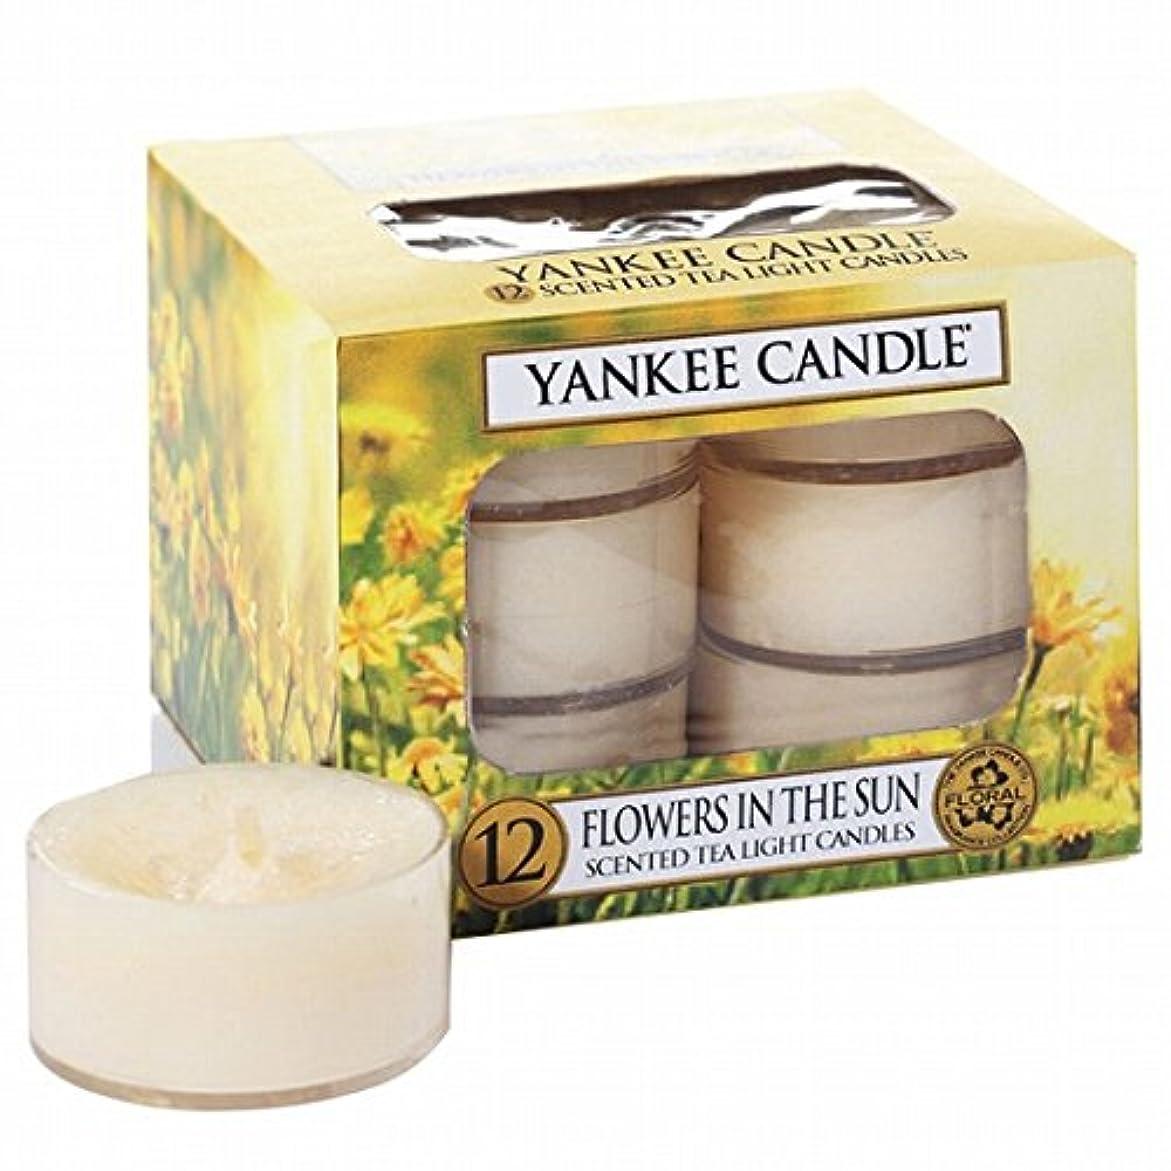 意気込み匹敵します謎めいたYANKEE CANDLE(ヤンキーキャンドル) YANKEE CANDLE クリアカップティーライト12個入り 「フラワーインザサン」(K00505274)